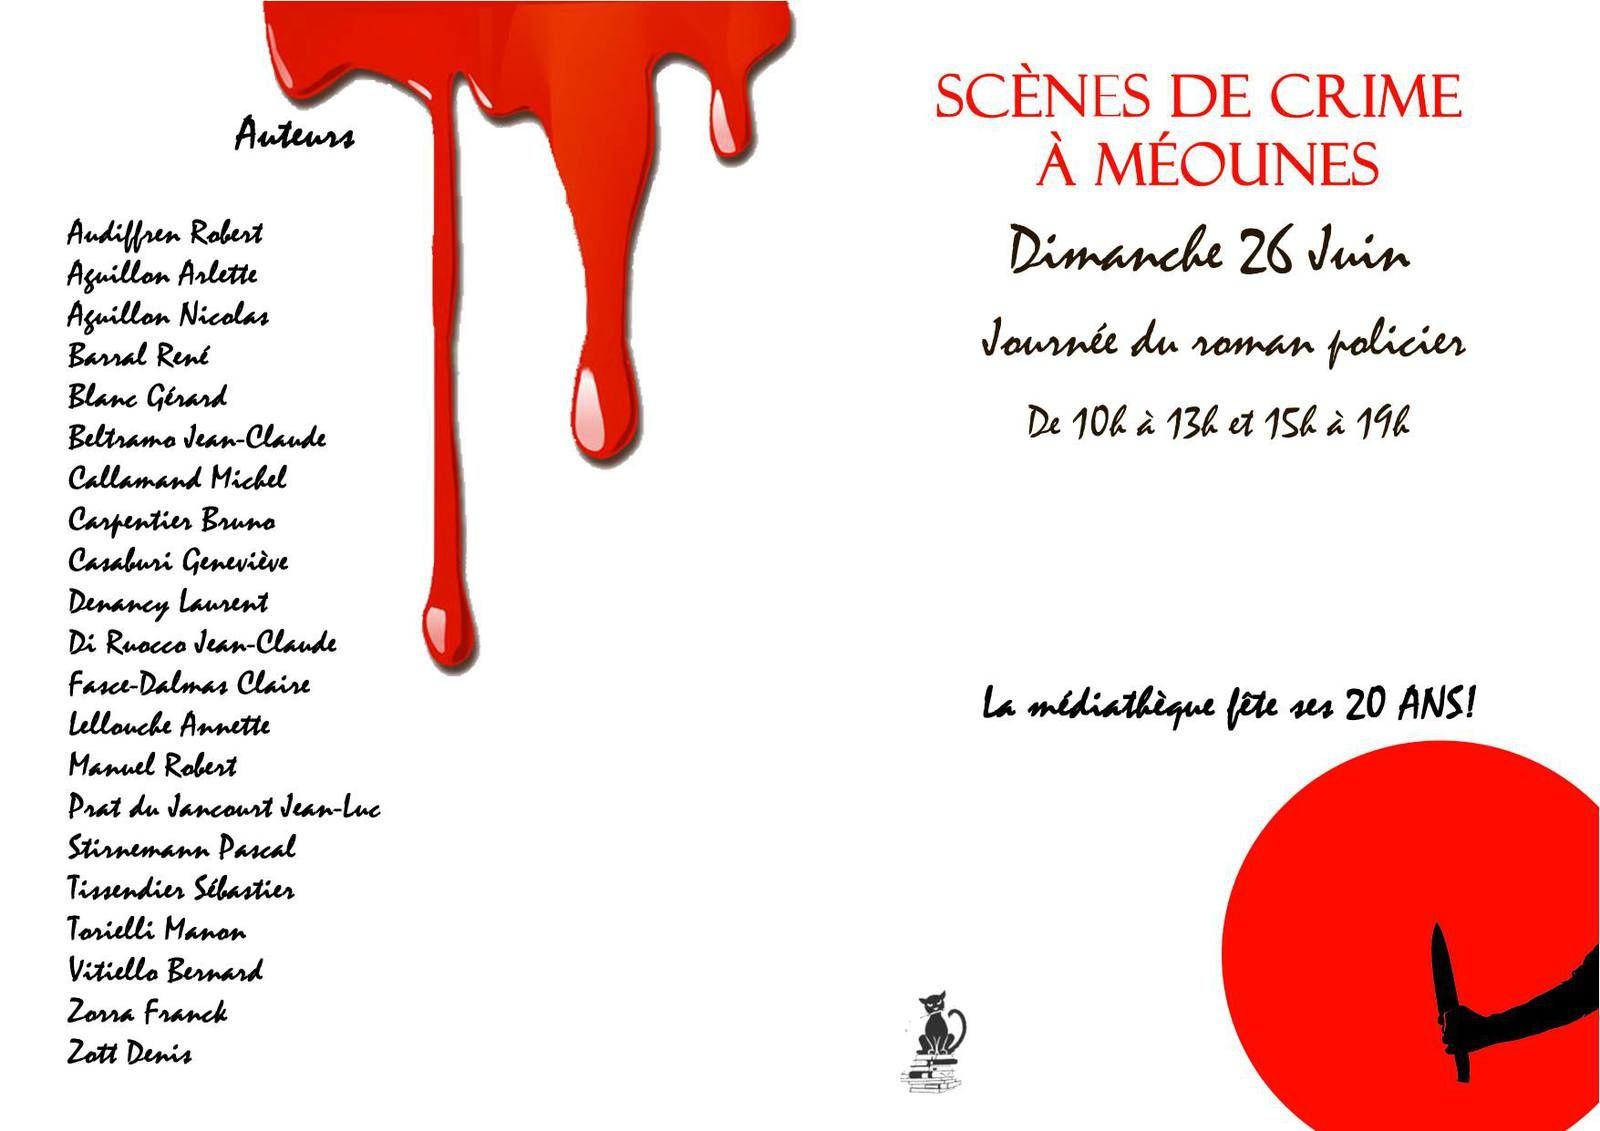 26 juin - scènes de crime à Méounes